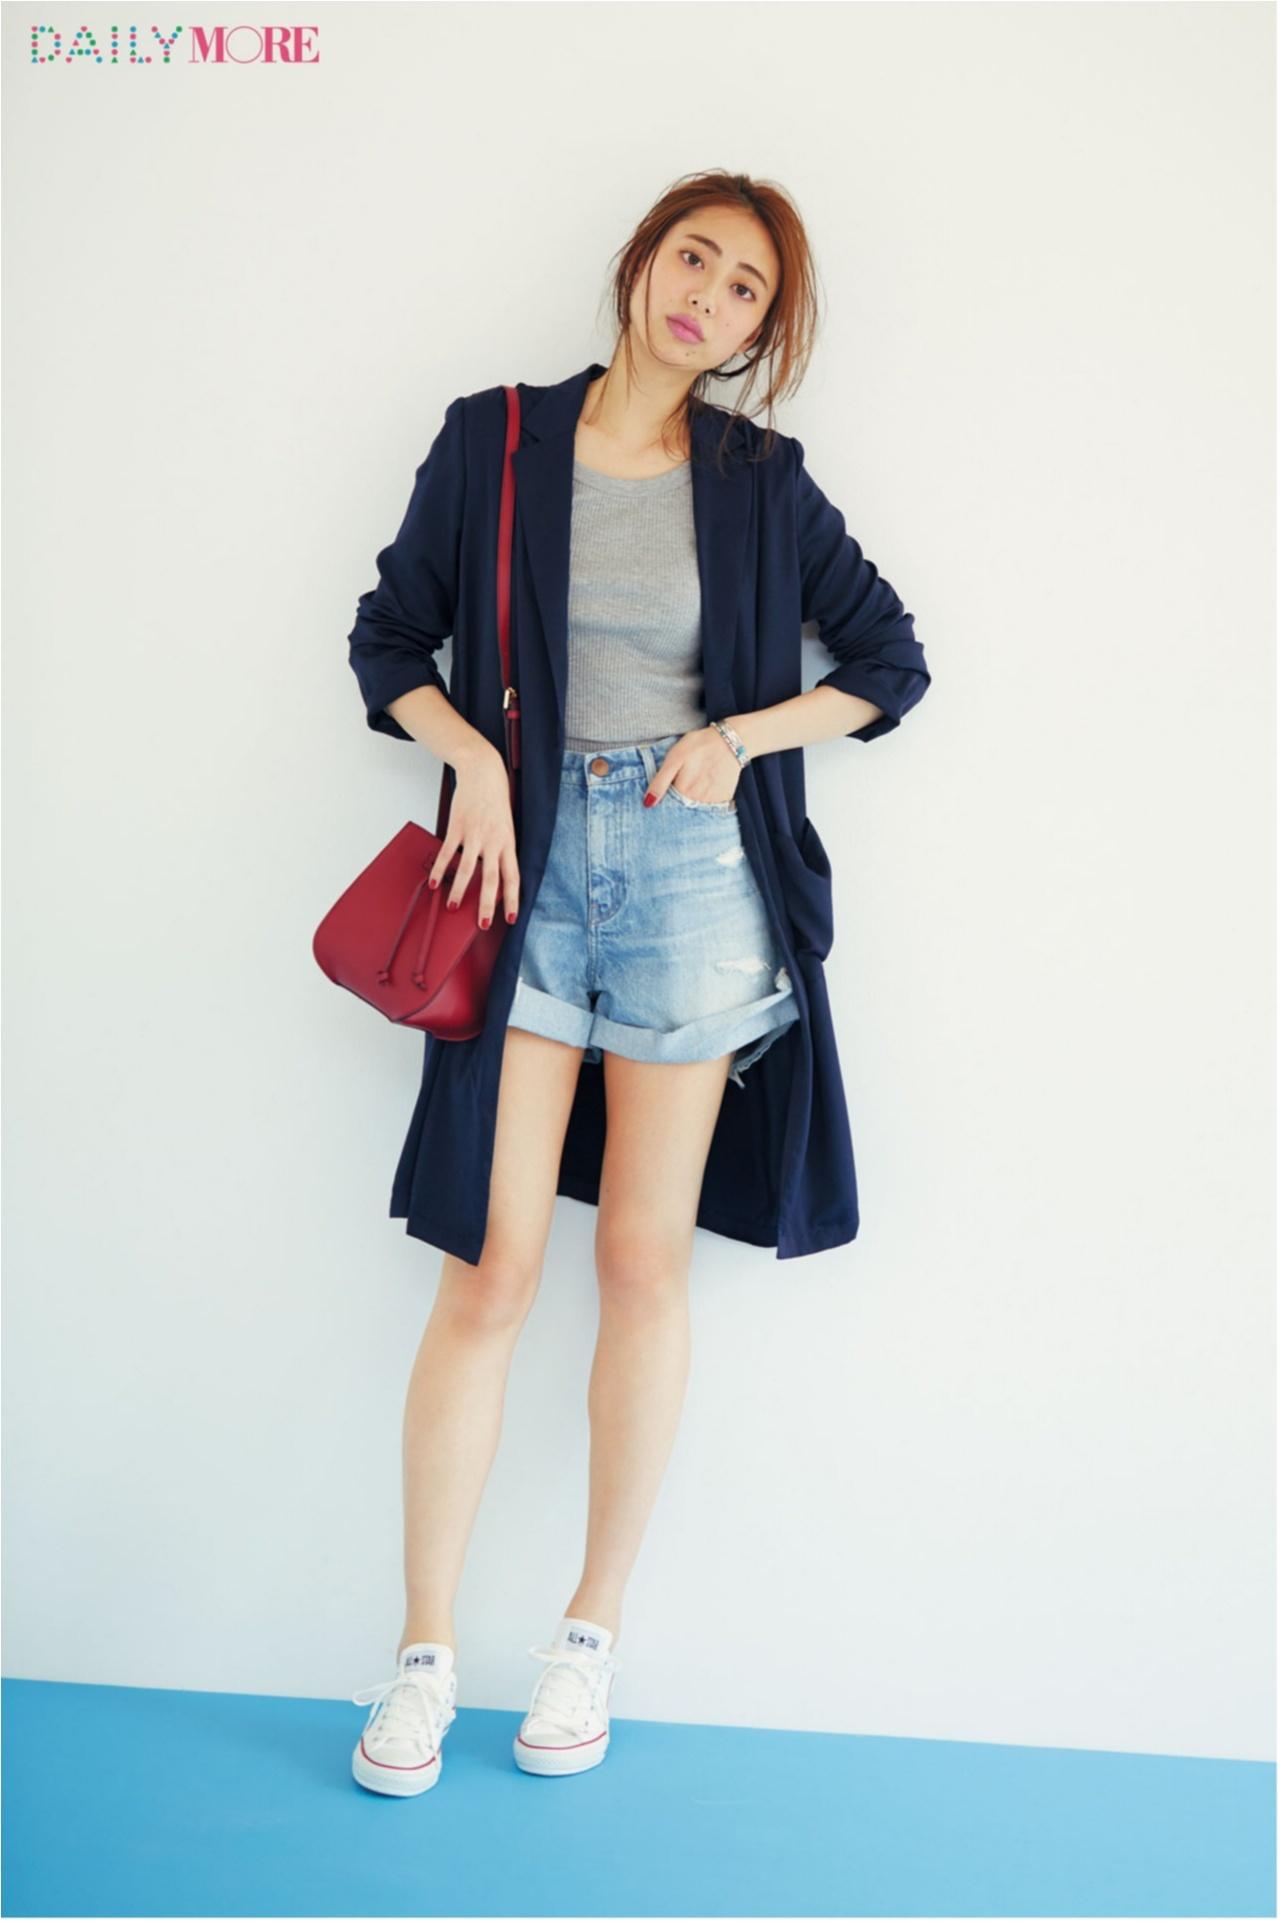 『ユニクロ』ジーンズ&スタイリストが作るモテコーデ人気が止まらないっ♡ 今週のファッション人気ランキングトップ3!_1_2